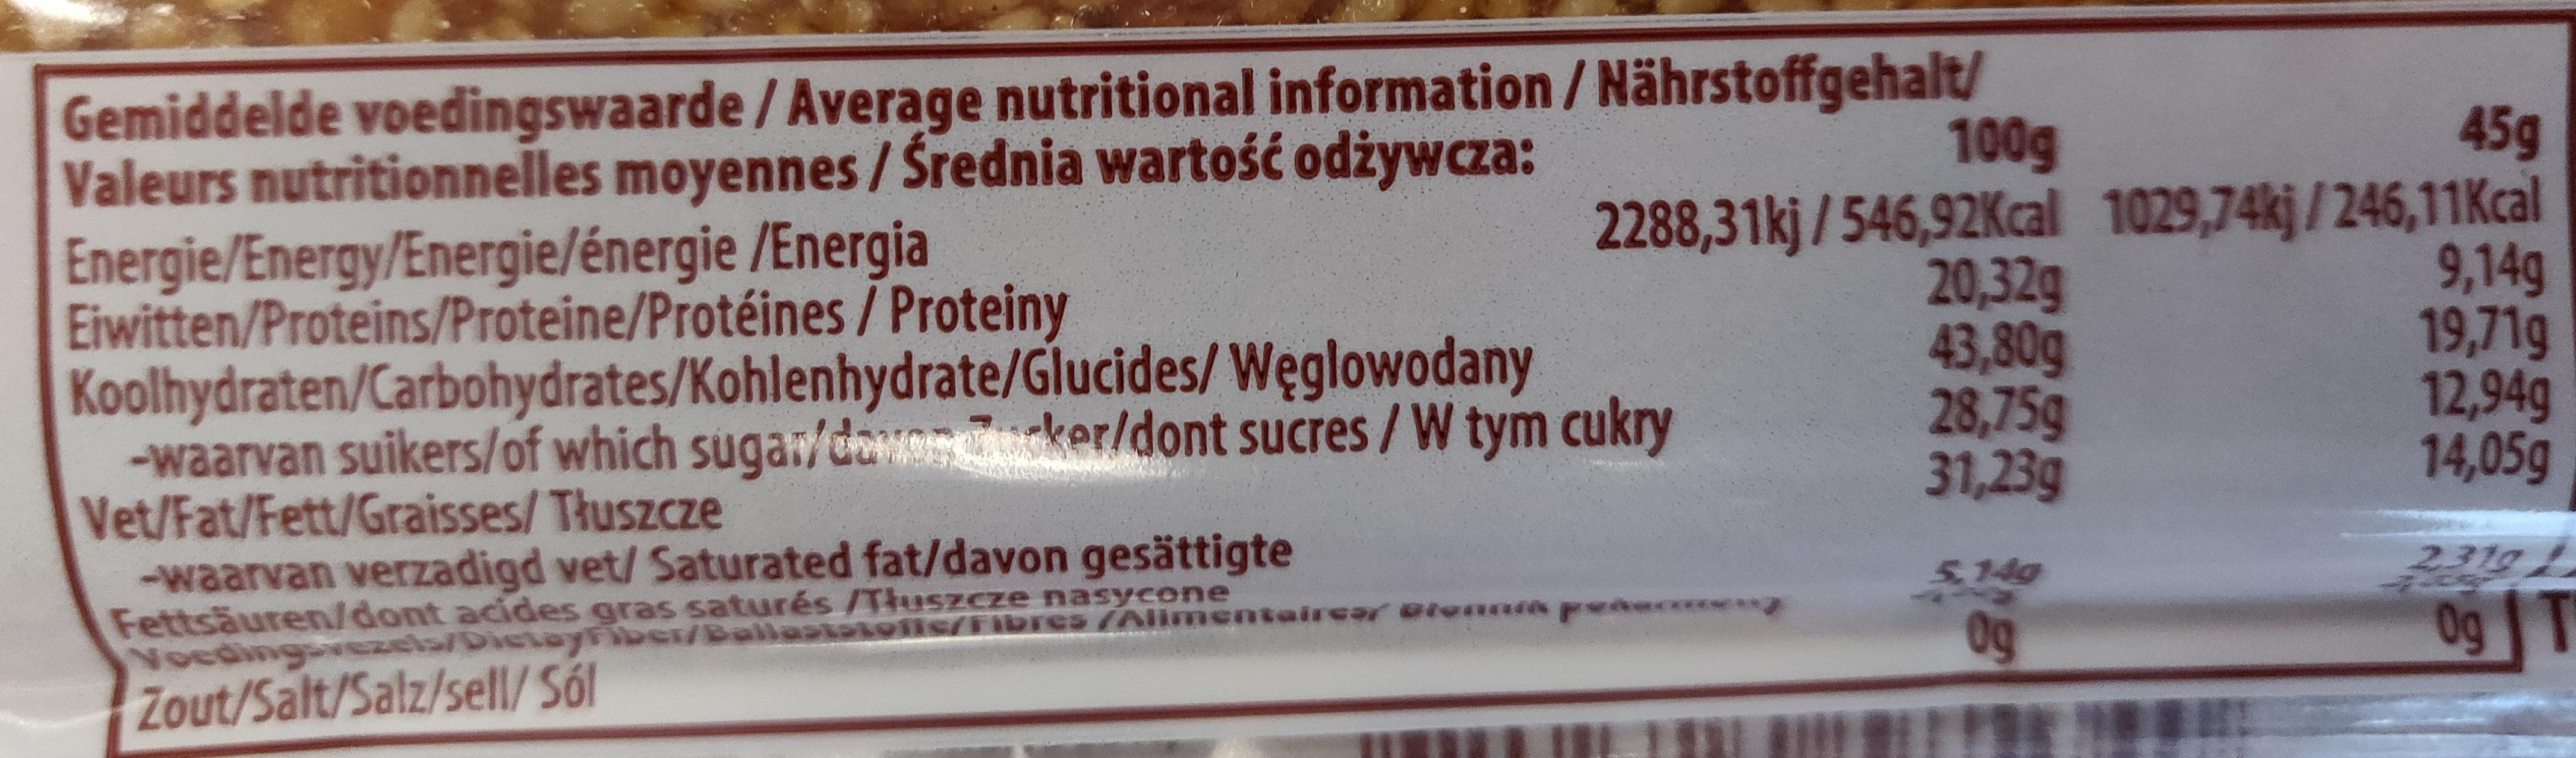 barre caramel - Informations nutritionnelles - fr